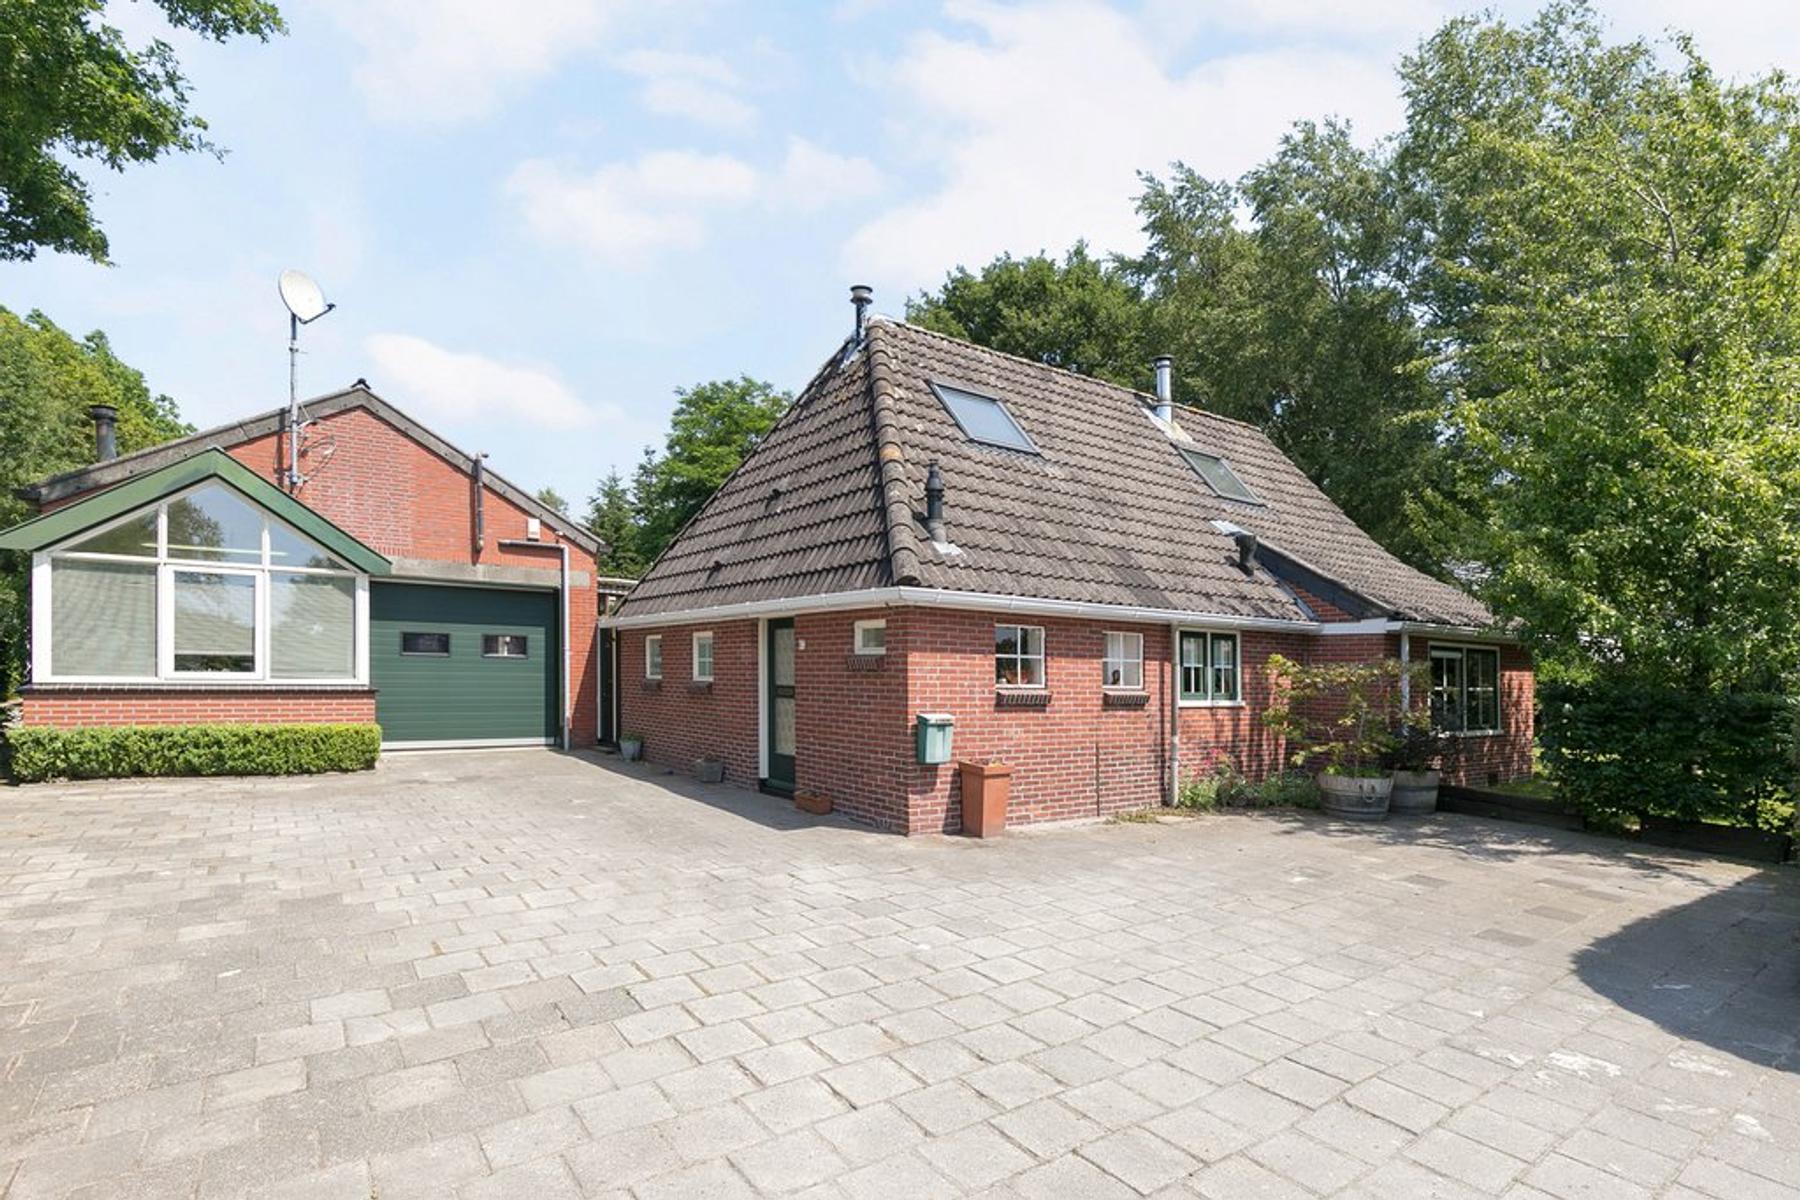 Leeksterweg 67 in Haulerwijk 8433 KW